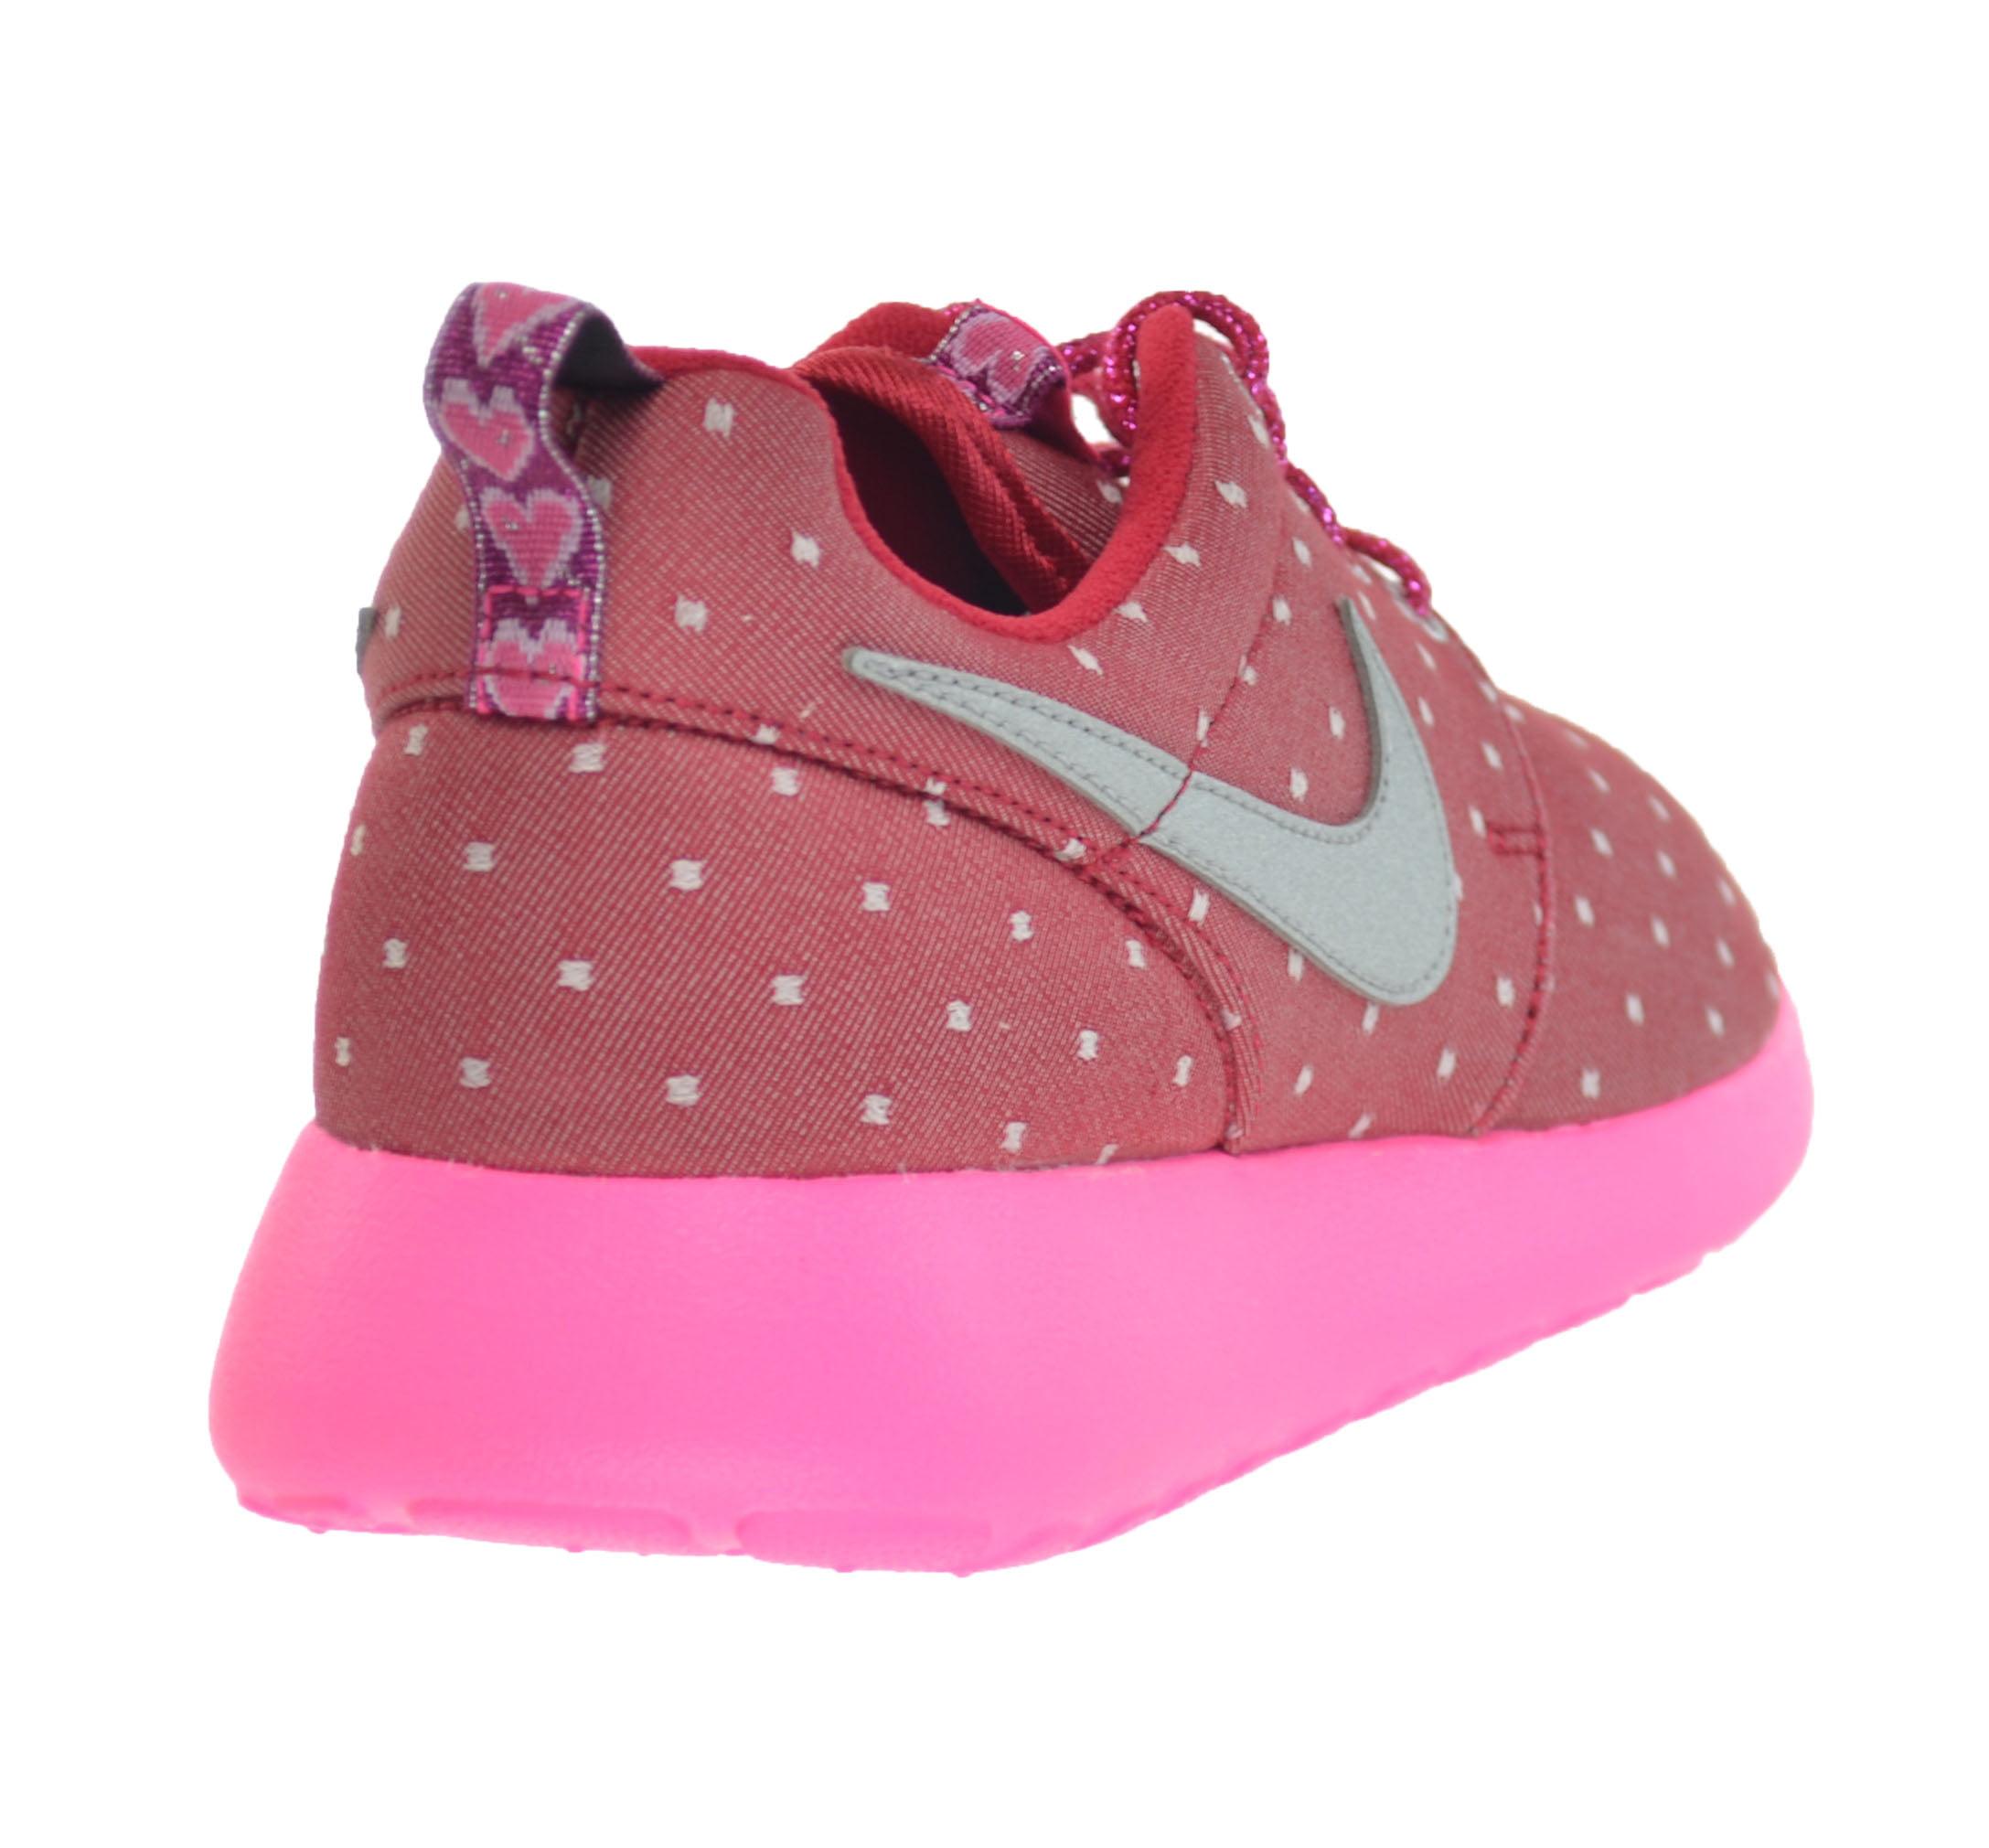 Nike 677784-606 : Kids Rosherun Print (GS) Dark Red/White Running Shoe Size 6.5